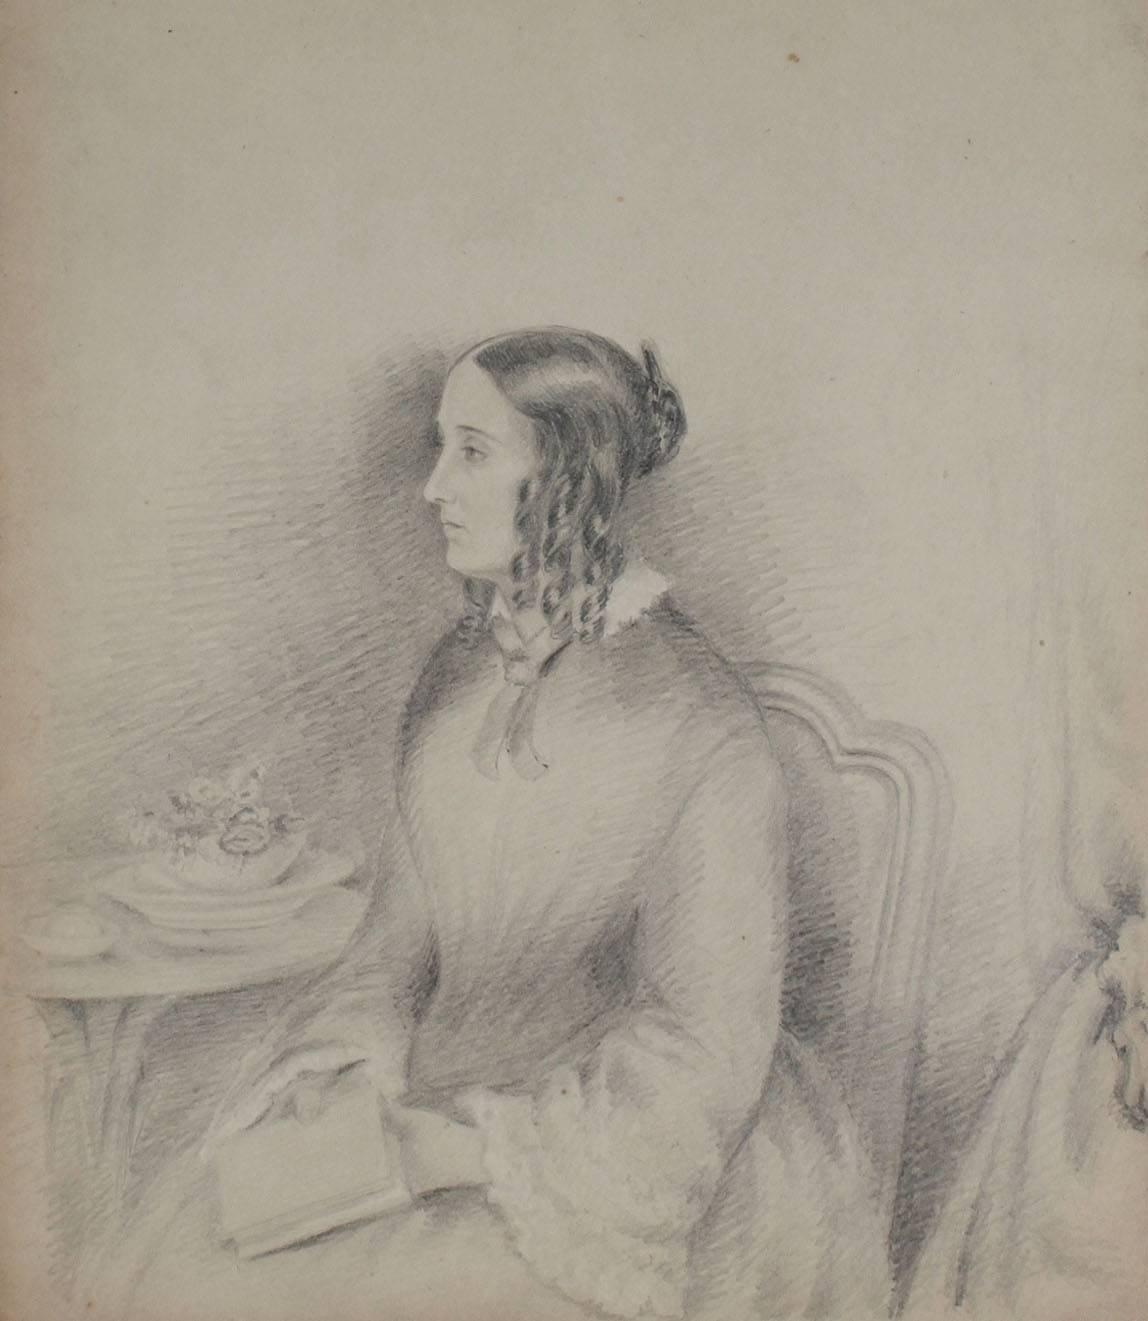 Delicate Female Portrait in Graphite, 1800s